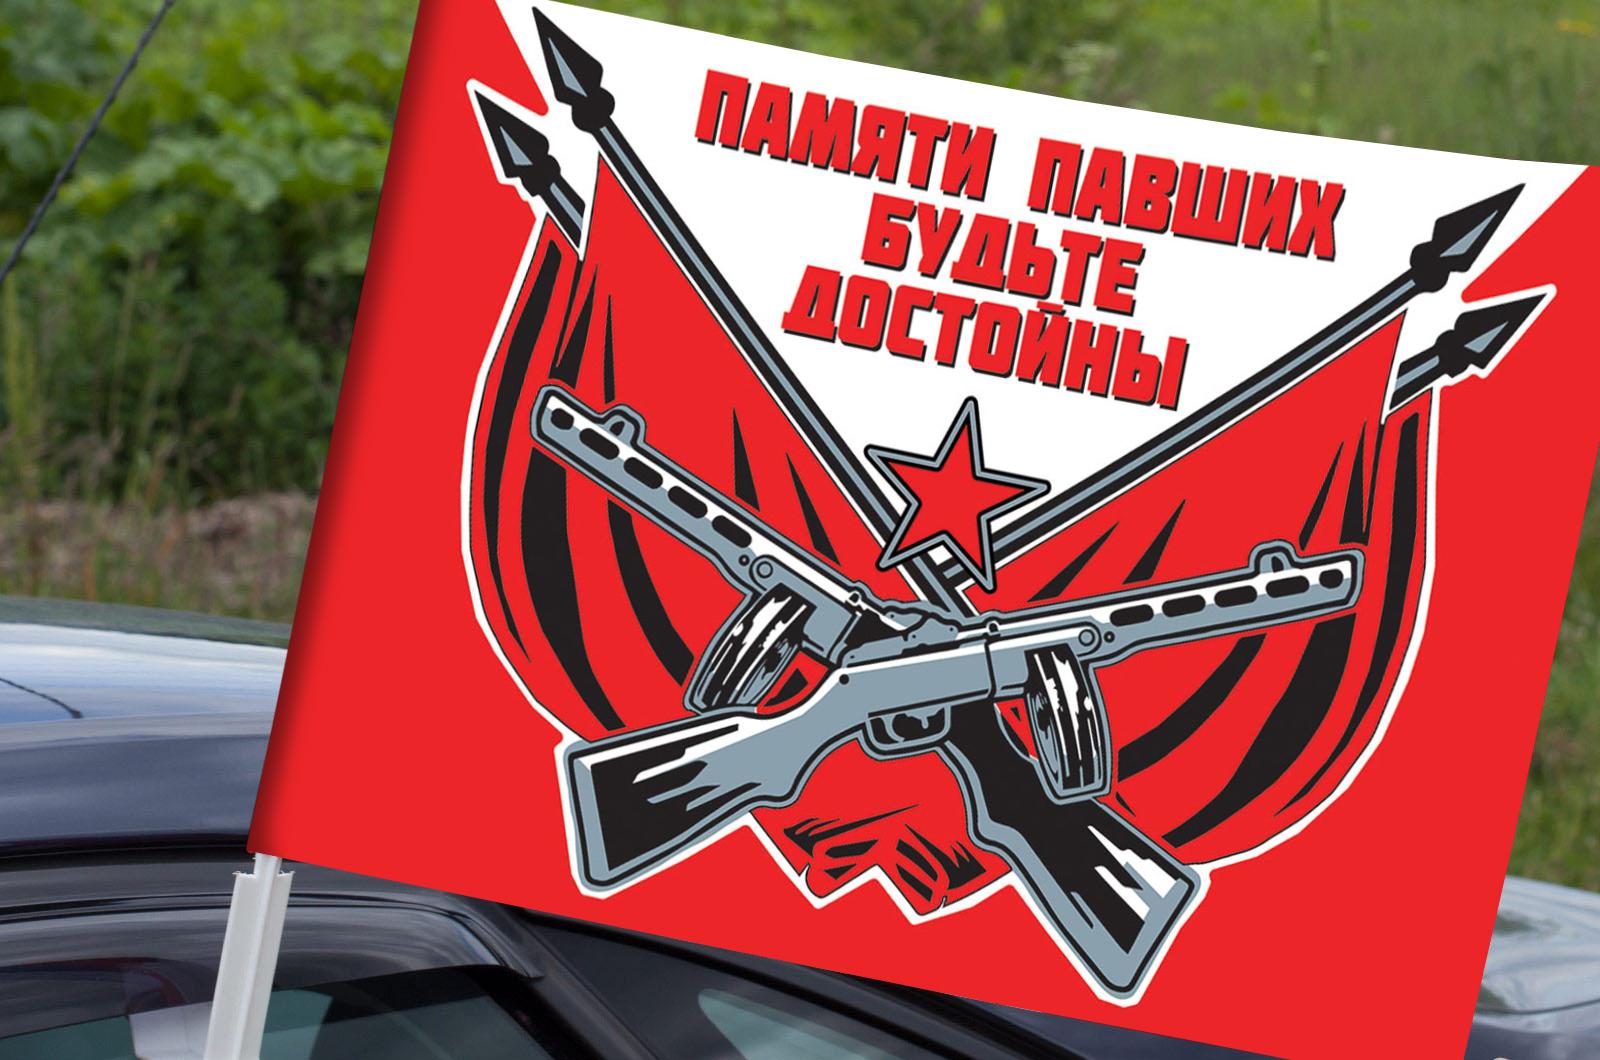 Автофлаг для участников акций на 9 мая Памяти павших будьте достойны